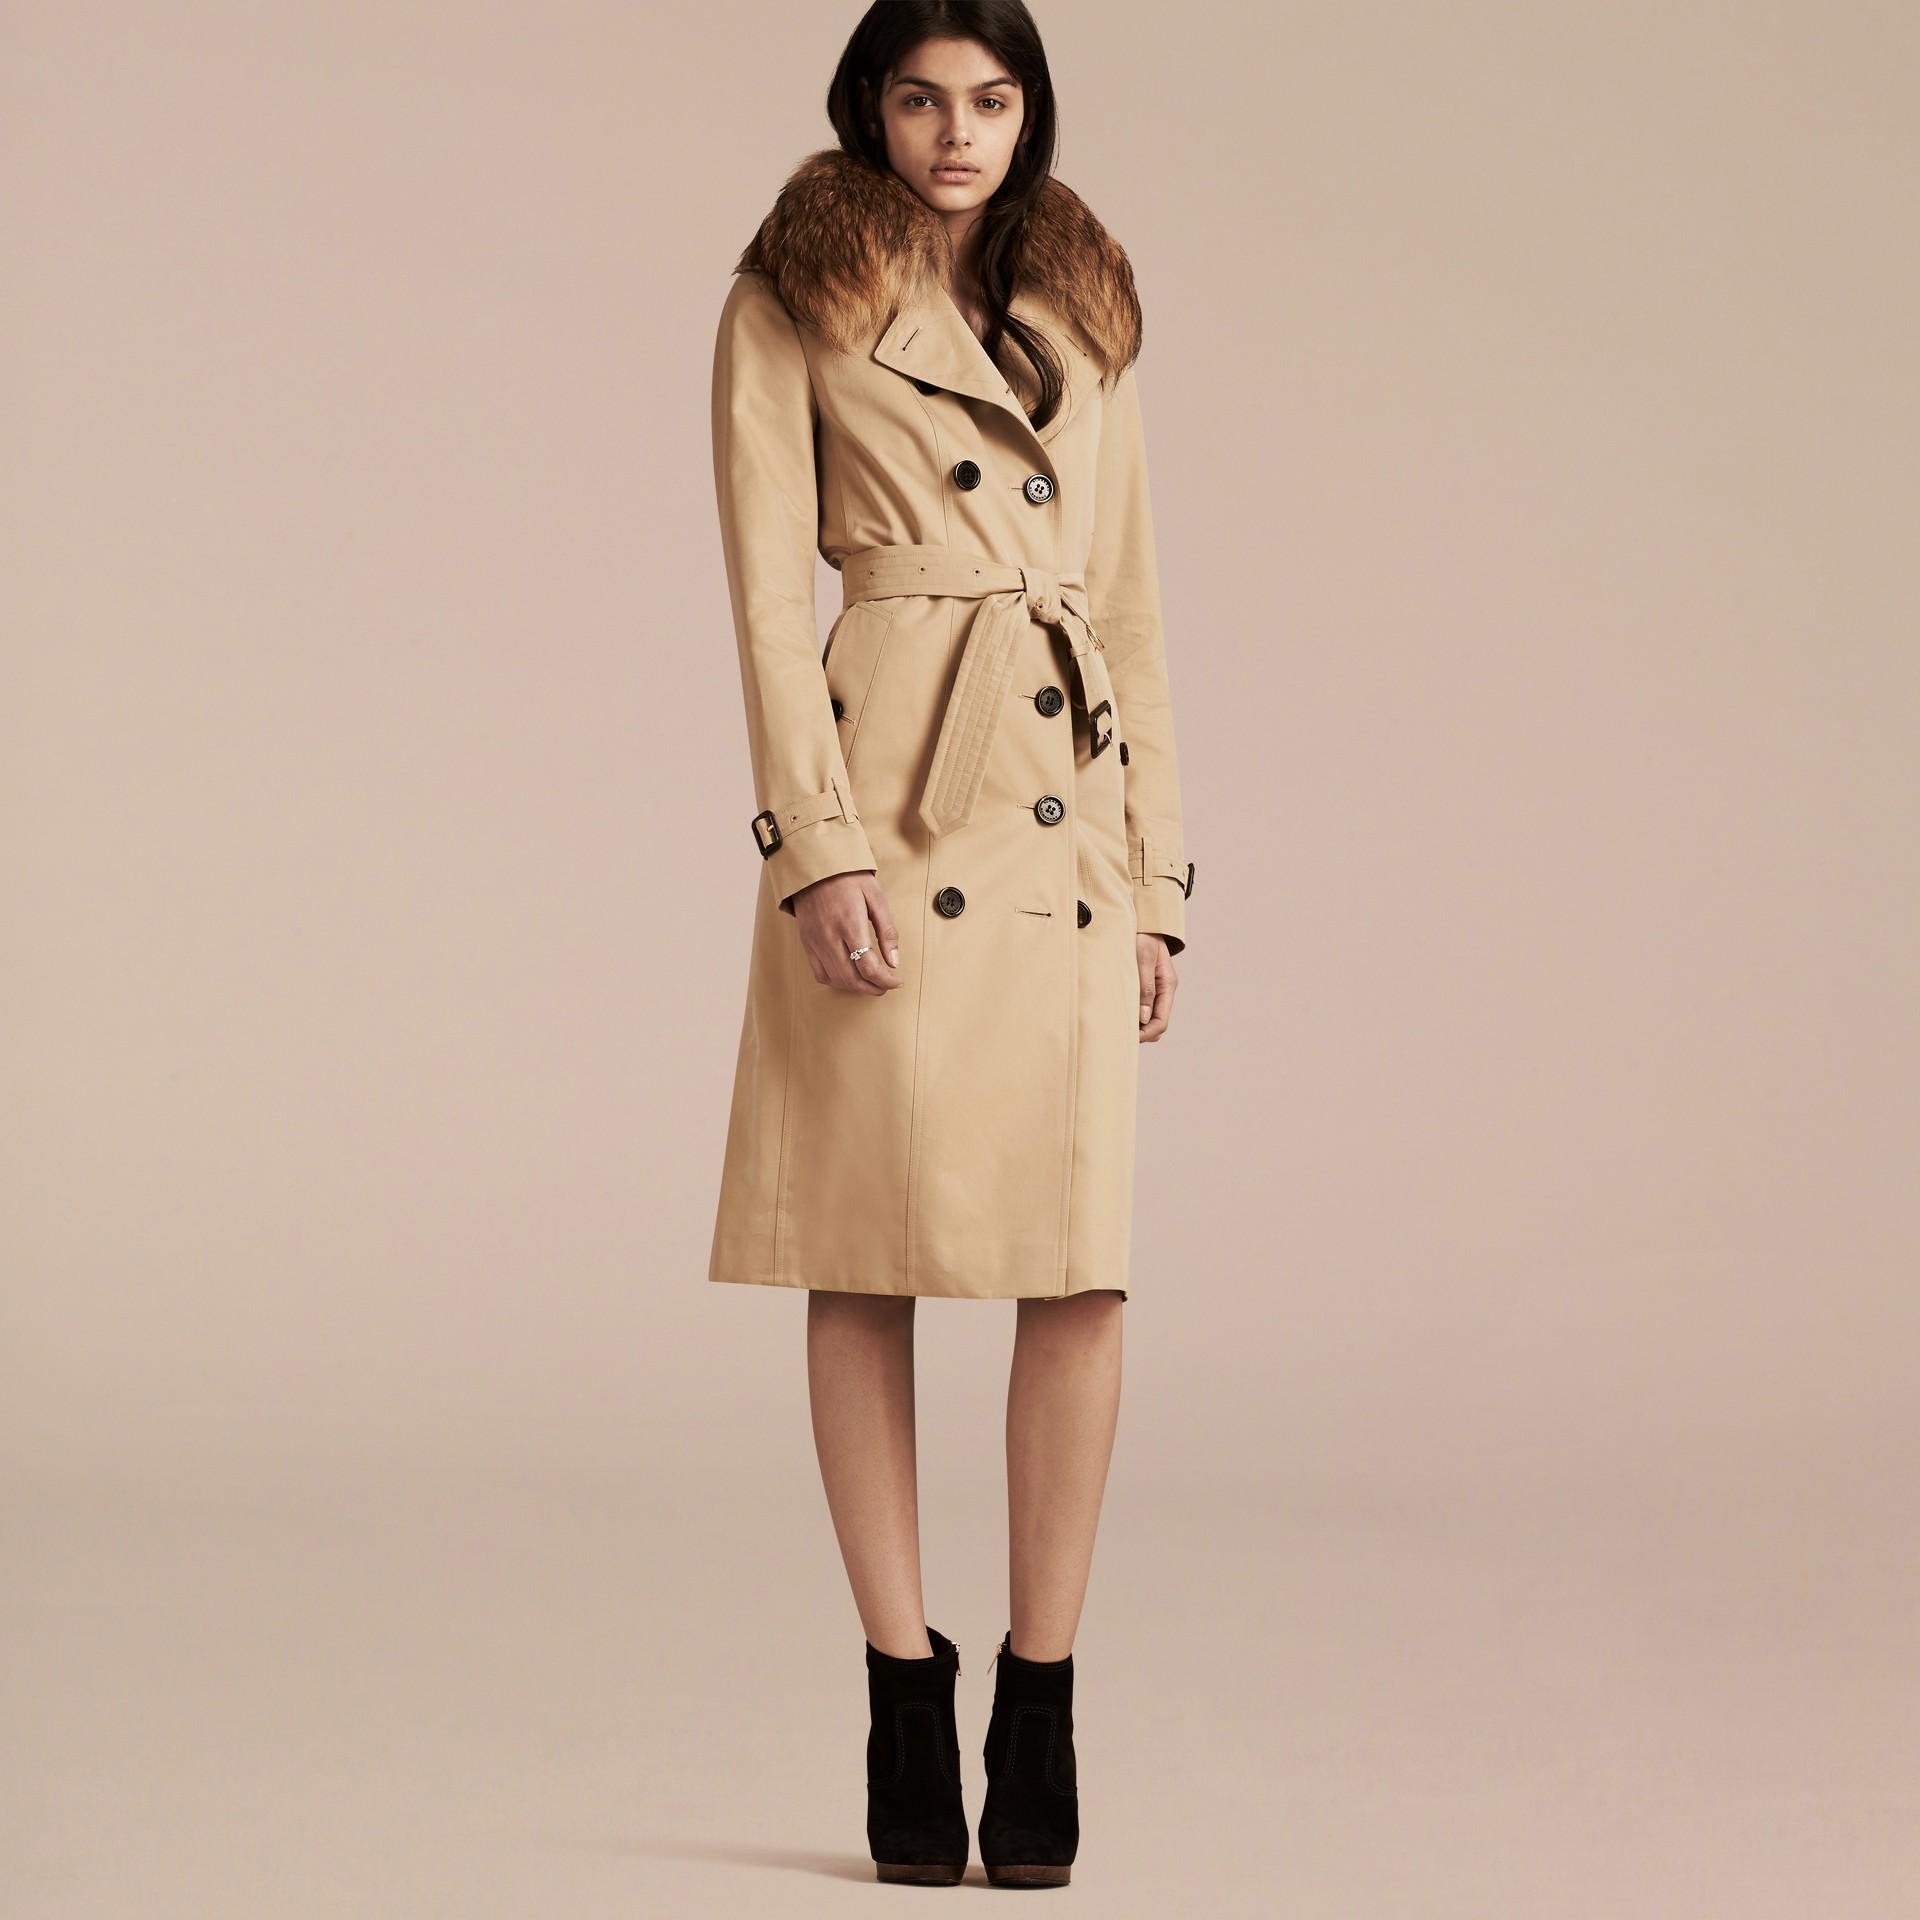 Miel Trench-coat en gabardine de coton avec col amovible en fourrure de raton laveur - photo de la galerie 7